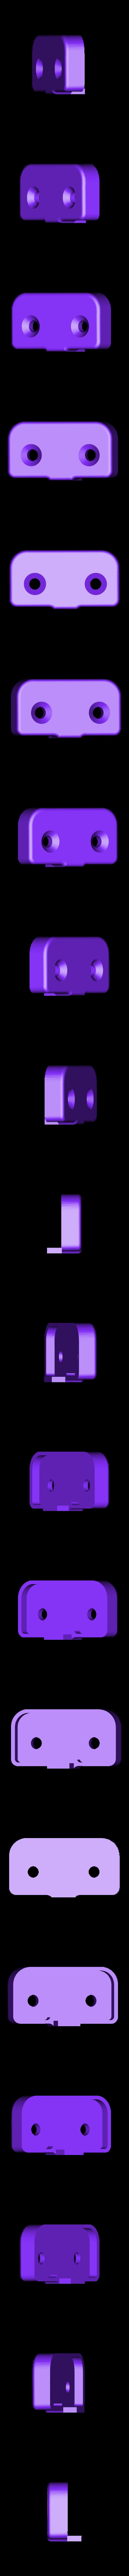 FSR_001_CAP_02_flat.STL Télécharger fichier STL gratuit Capteur à filament pour Luzlbot TAZ 6 (2.85mm design) • Modèle pour impression 3D, sneaks